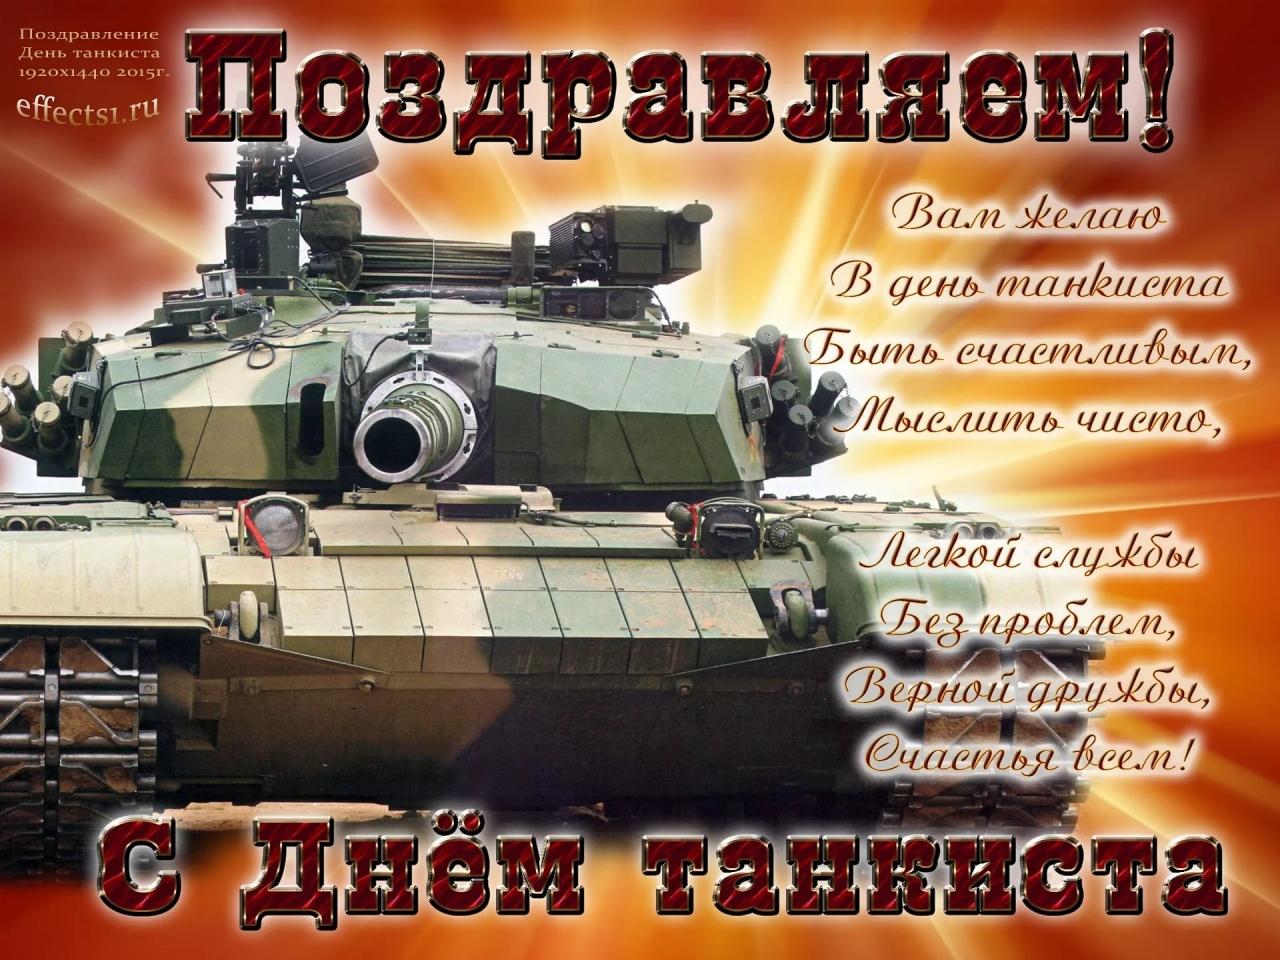 Картинки с поздравлениями с днем танкиста